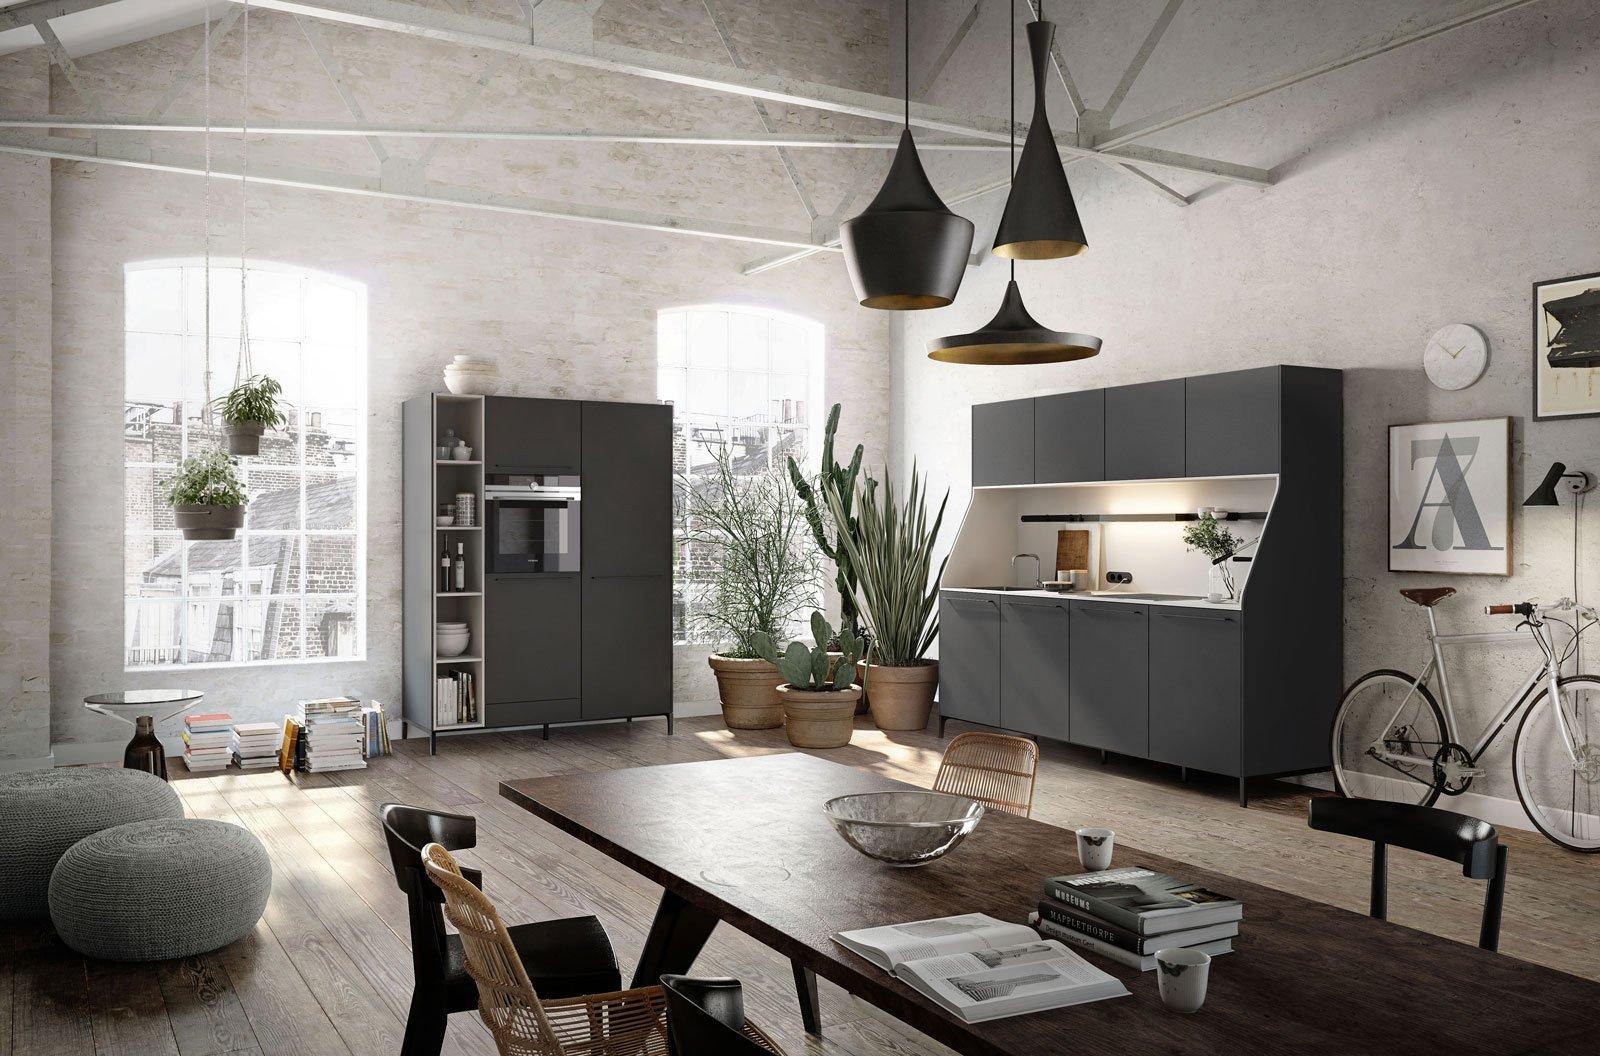 Cucine in grigio di inaspettata freschezza novit eurocucina in anteprima cose di casa - Cucina grigio scuro ...